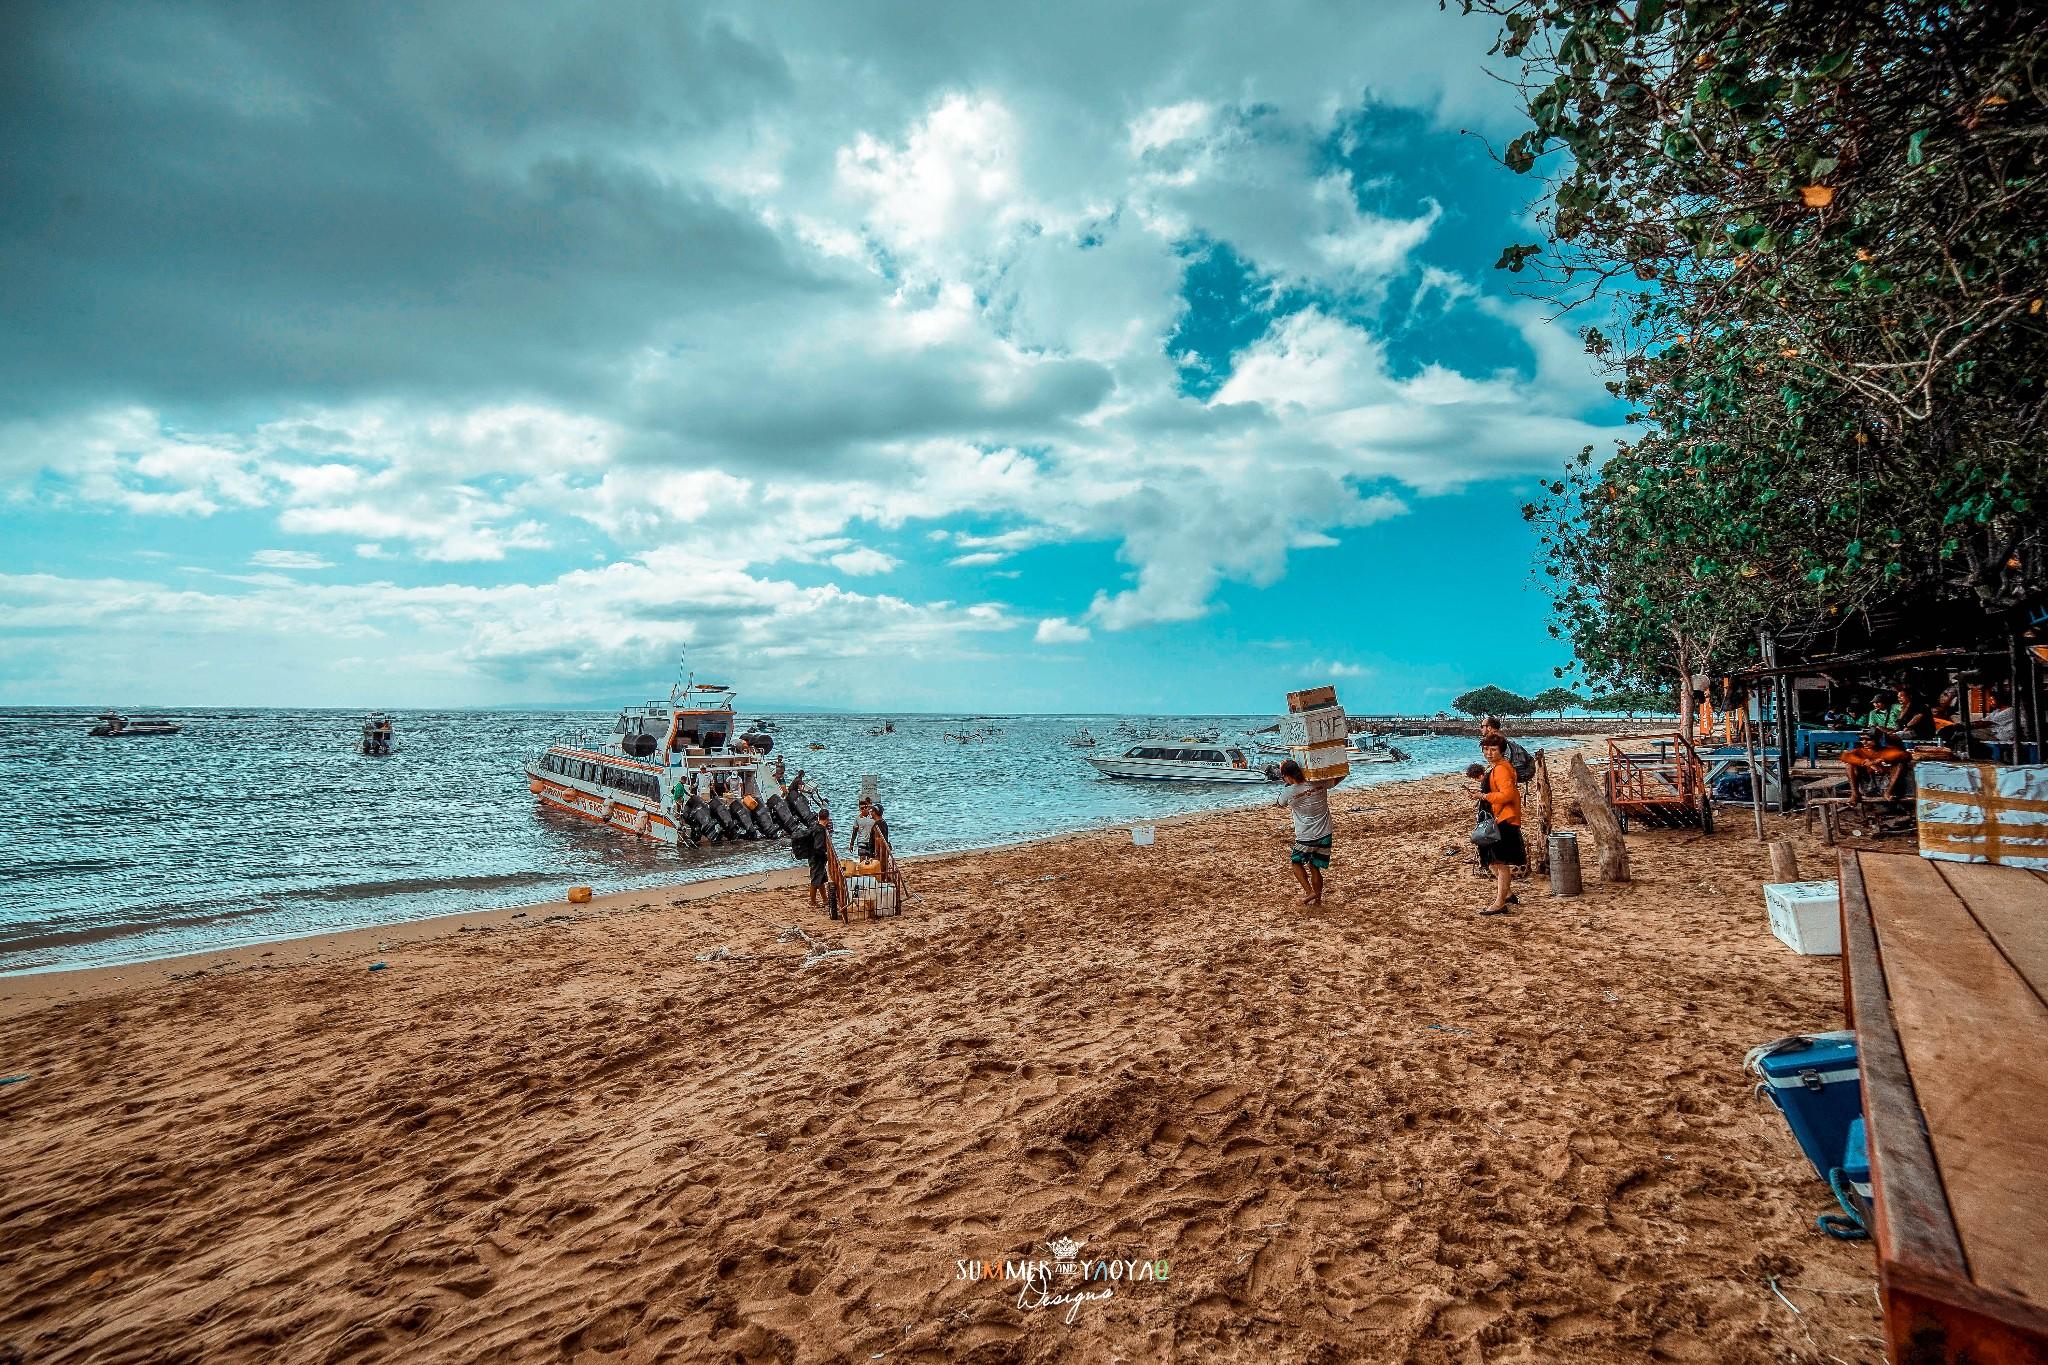 【Summer先森&大脸喵小姐】随性巴厘岛蜜月生日录—写给2016的我们